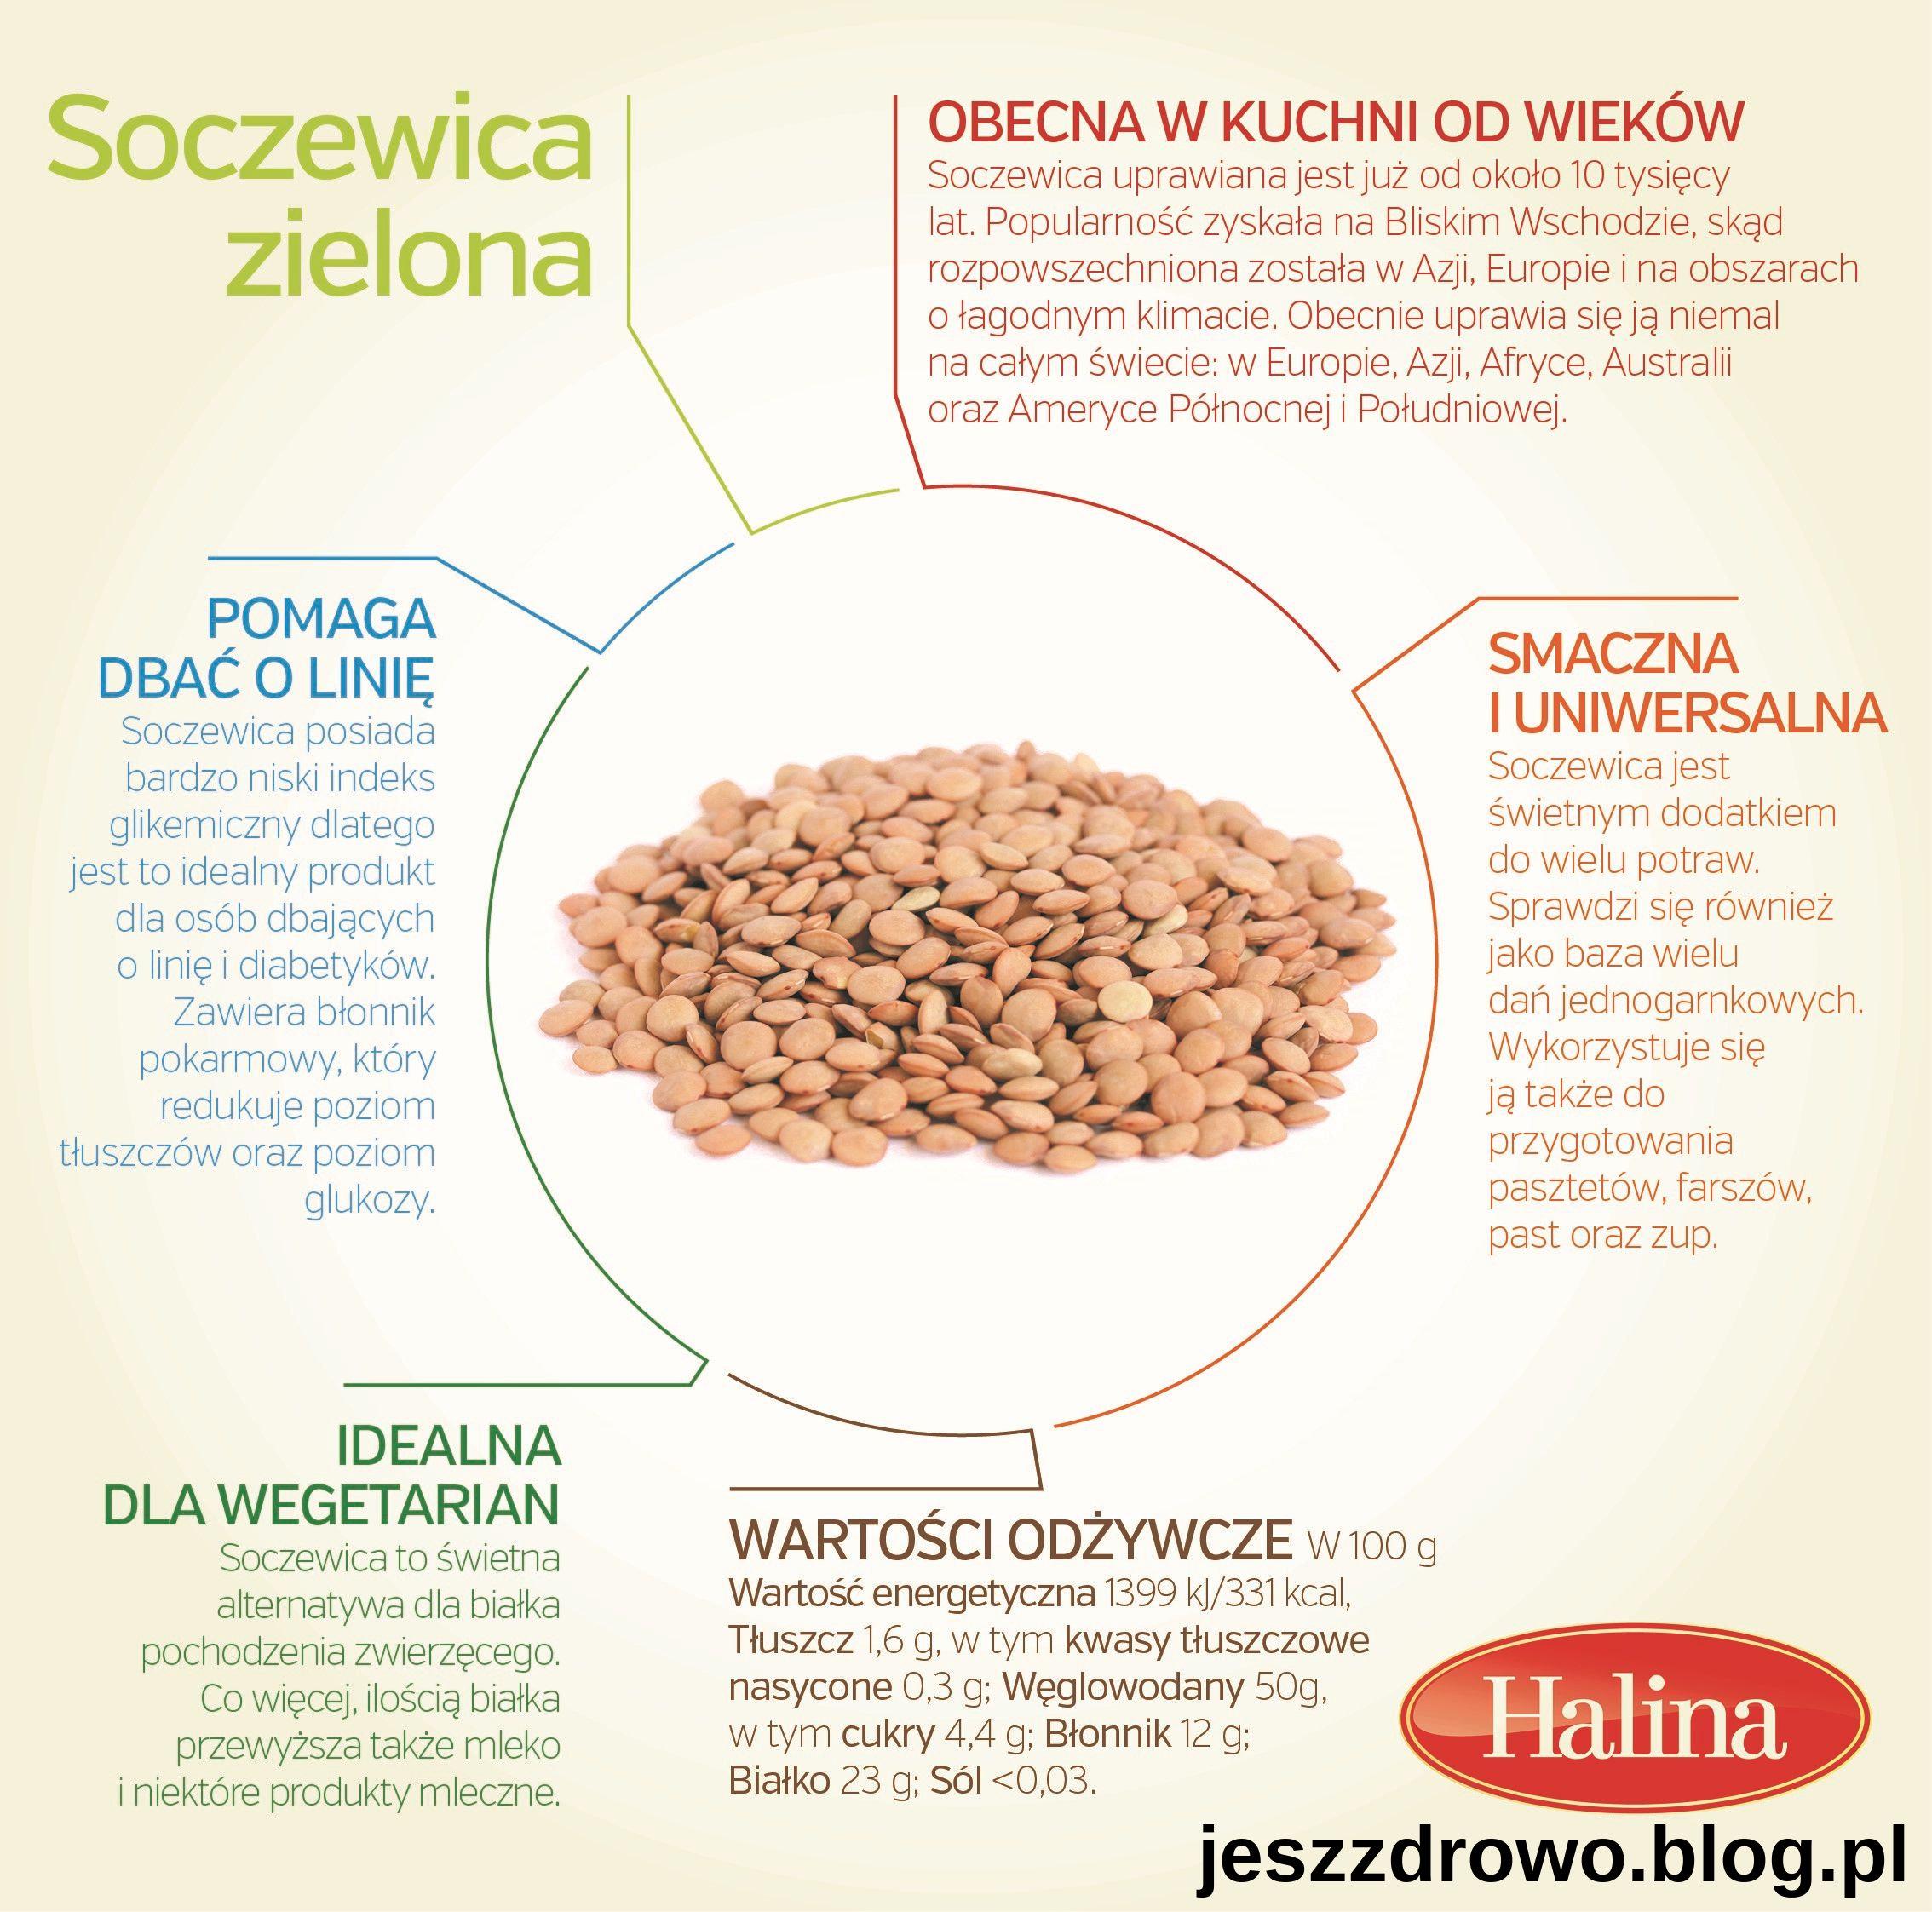 Dlaczego warto jeść soczewicę zieloną